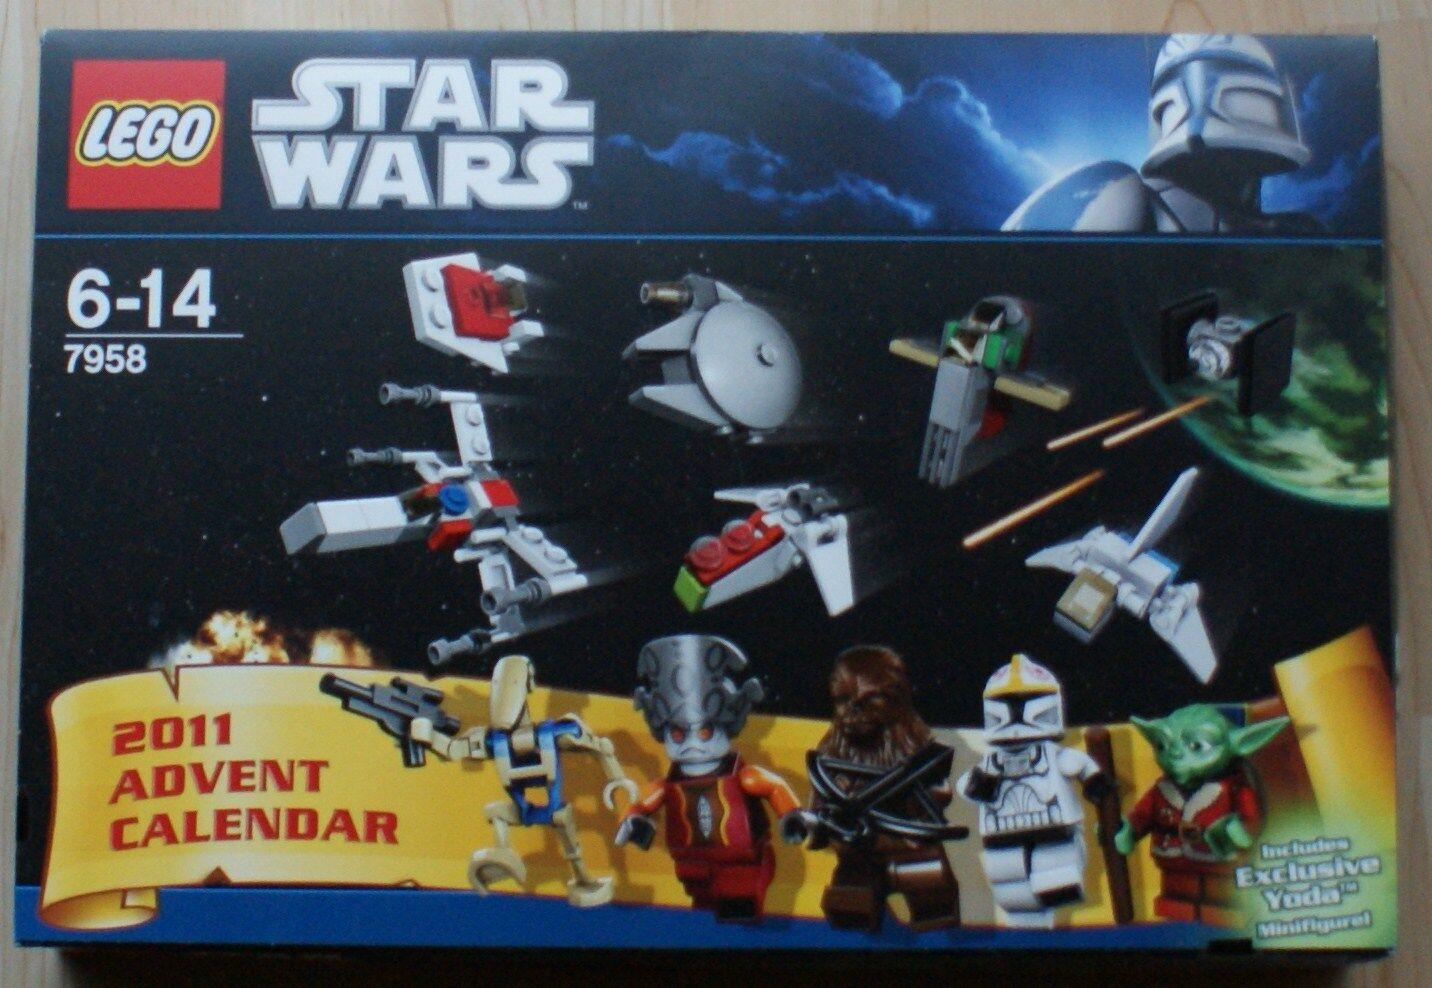 Lego - Star Wars - 7958 - Adventskalender 2011 - NEU - KOMPLETT - OVP